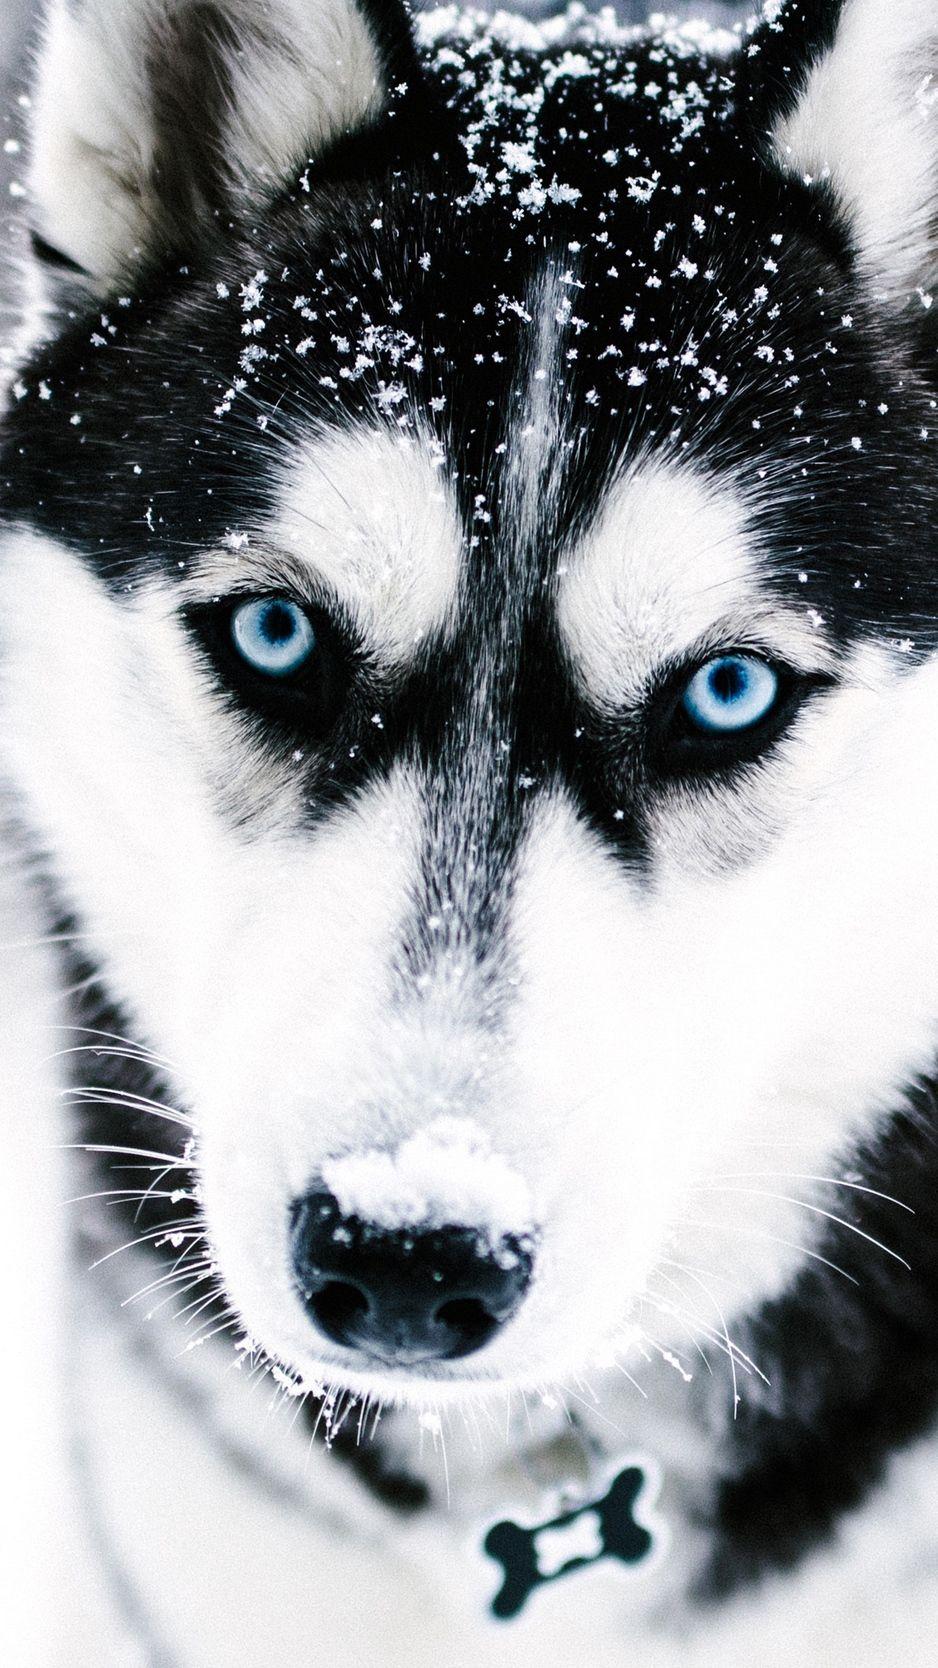 Husky, dog, muzzle, blue-eyed background